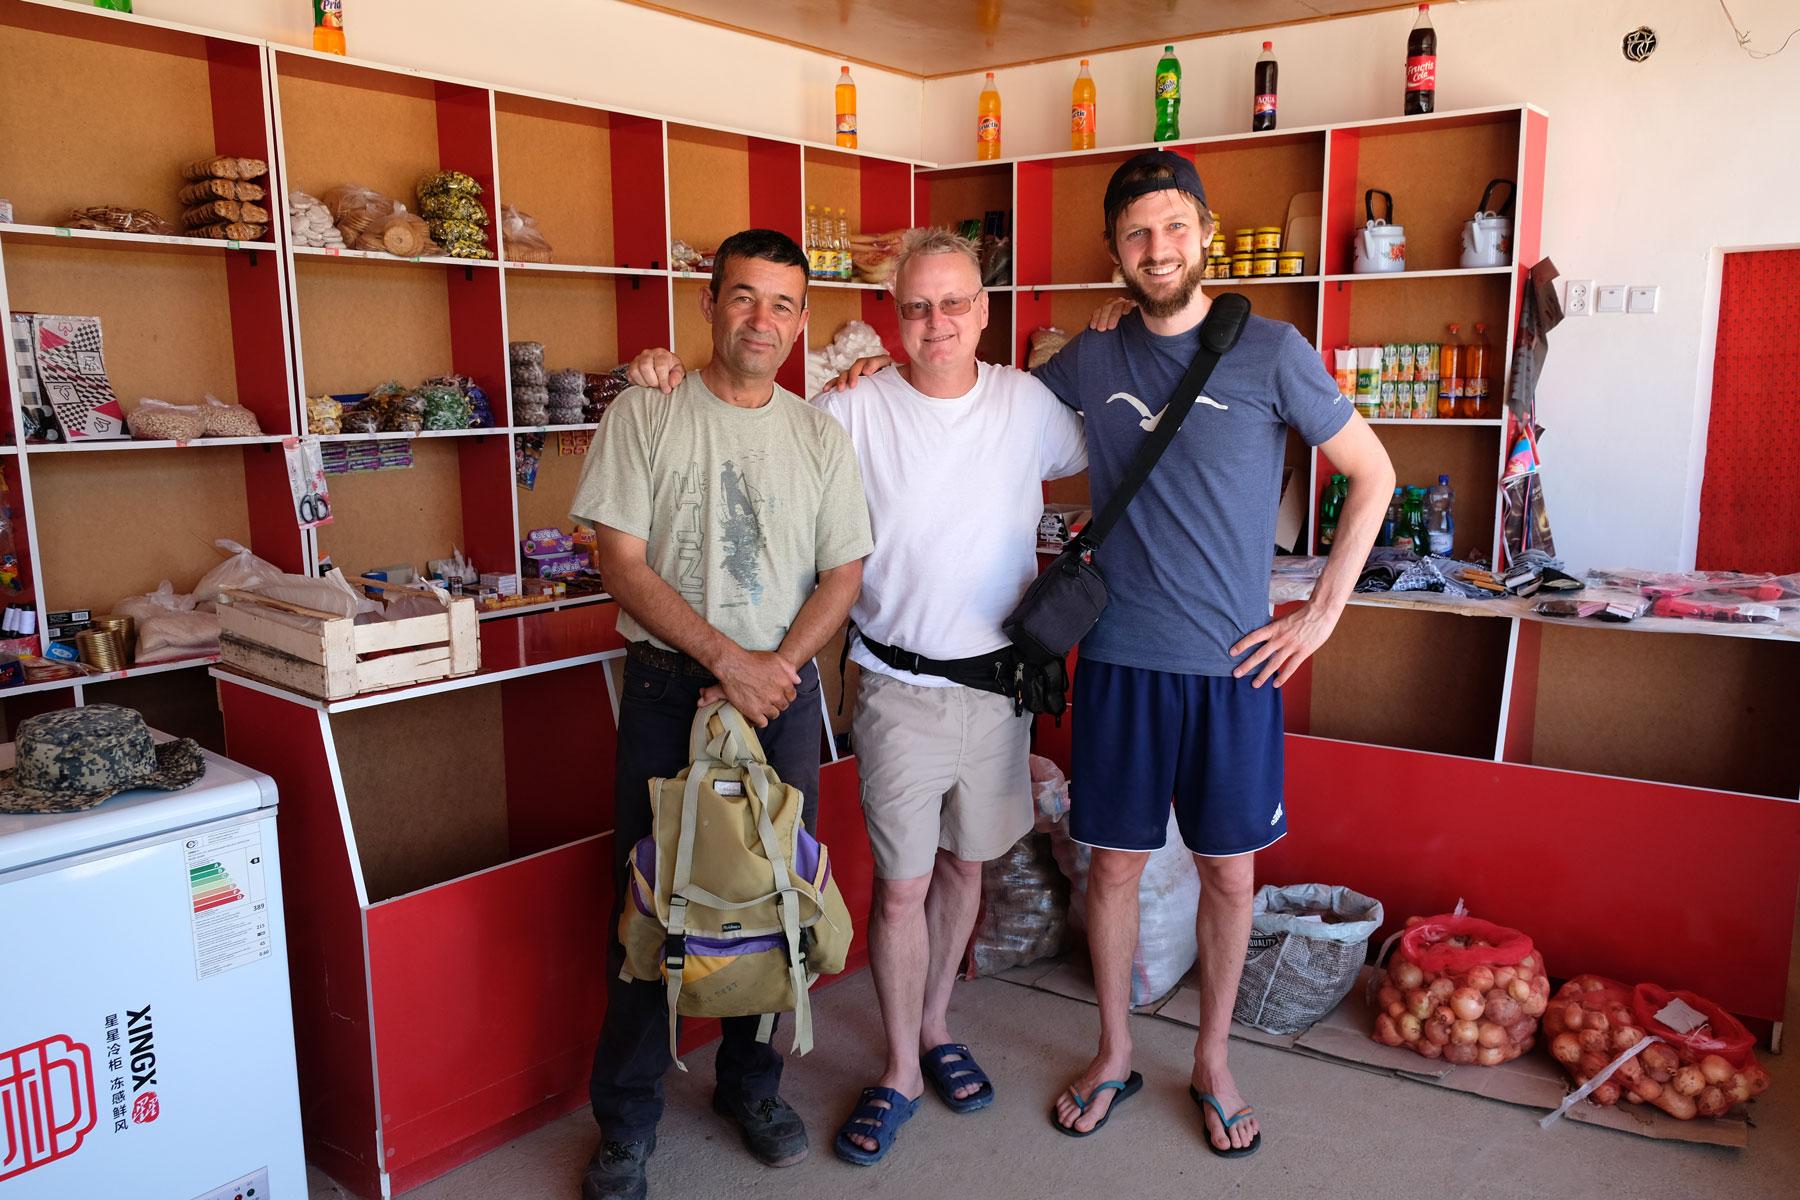 Kurzer Besuch in Alibeks Dorfladen